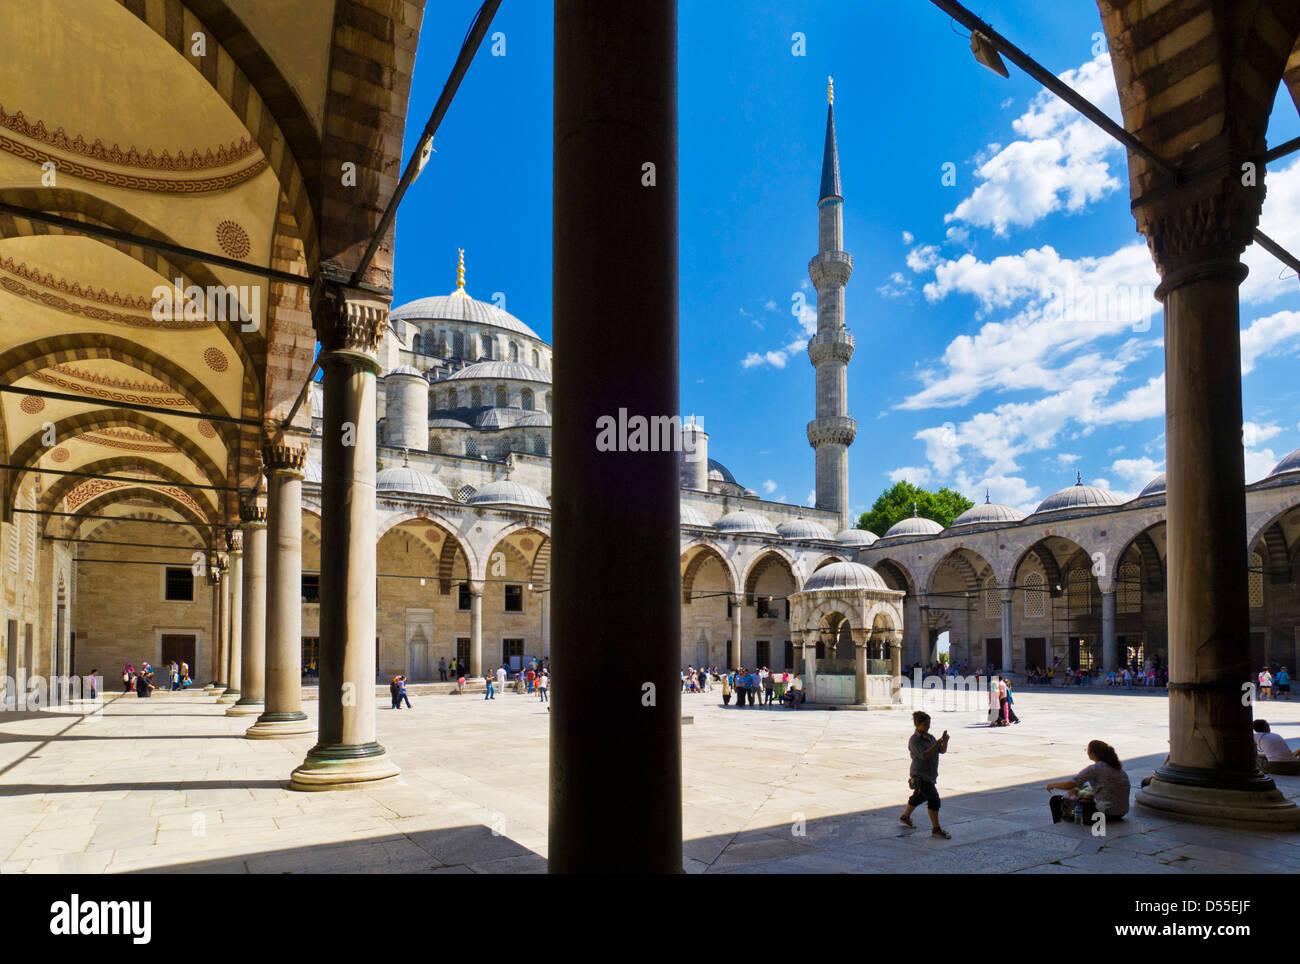 La Mosquée Bleue (Sultan Ahmet Camii), Sultanahmet, Istanbul, Turquie Photo Stock